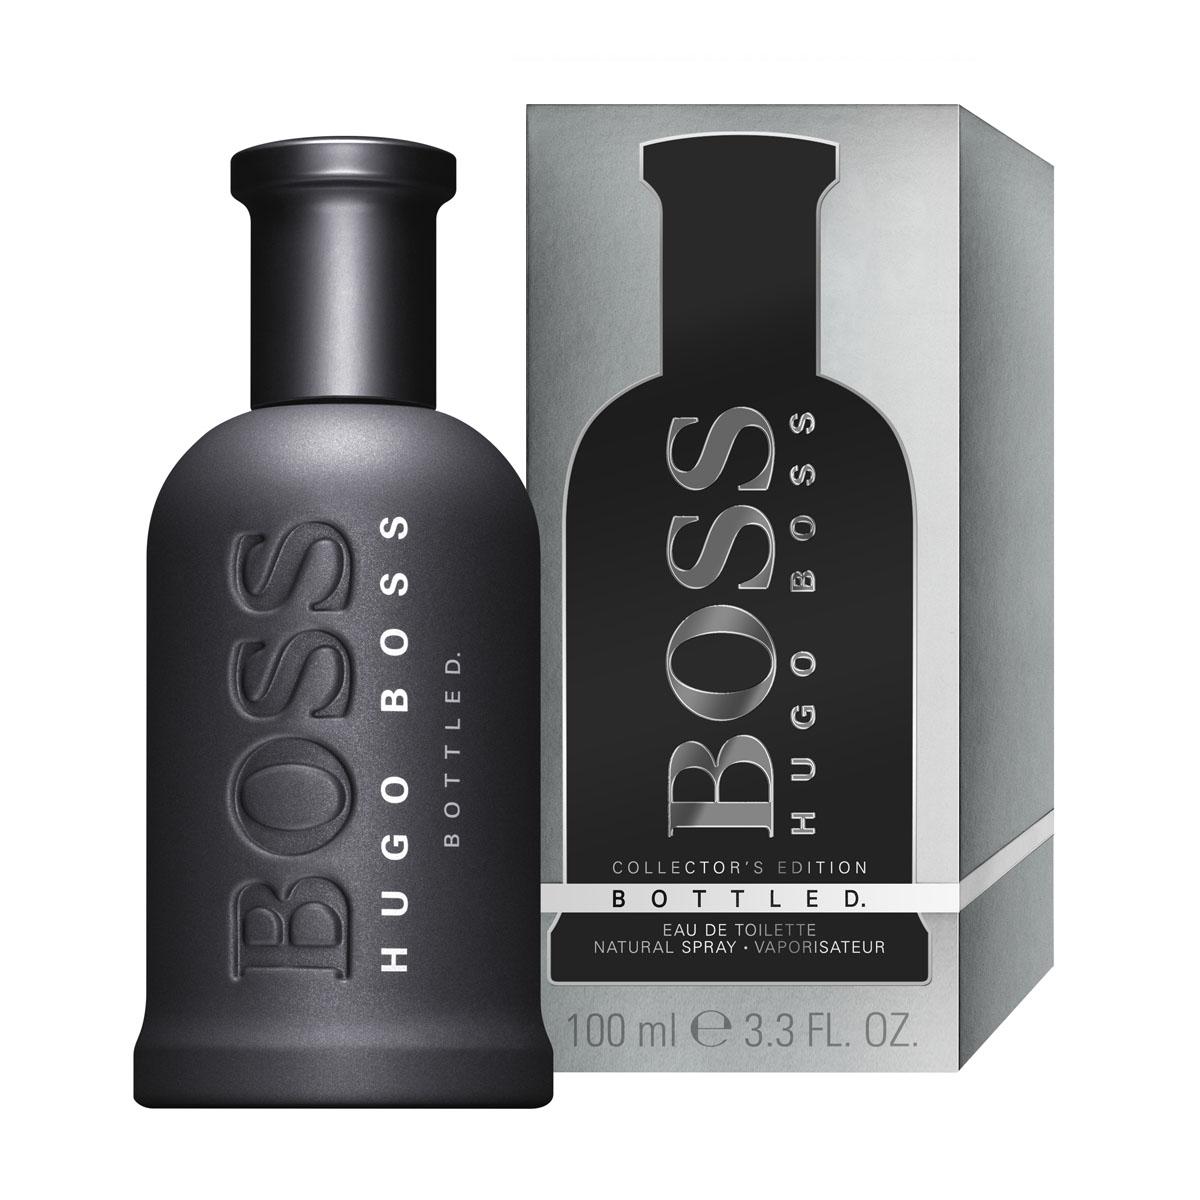 Hugo Boss Bottled Collectors Edition Туалетная вода 50 мл0737052806235Boss Bottled - бесспорно, один из самых успешных мужских ароматов. С тех пор как Boss Bottled появился на рынке в 1998 году, он входит в 10-ку бестселлеров. Культовый флакон с простыми, лаконичными формами стал классикой. Рельефный логотип и серебристая матовая крышечка довершают дизайн. Стильный, элеганттный, сдержанный - узнаваемый Boss. В композиции звучит красное яблоко, сладковатое, но свежее, и древесные ноты, которые придают аромату глубину и мужественность. Boss Bottled - завершающий элемент ежедневного гардероба успешных и амбициозных мужчин во всем мире. Boss - мужественный, уверенный бренд: Идеальный образ для Достижения успеха.Захватывающий, Смелый, Чувственный, Изысканный, но при этом абсолютно Мужественный аромат.